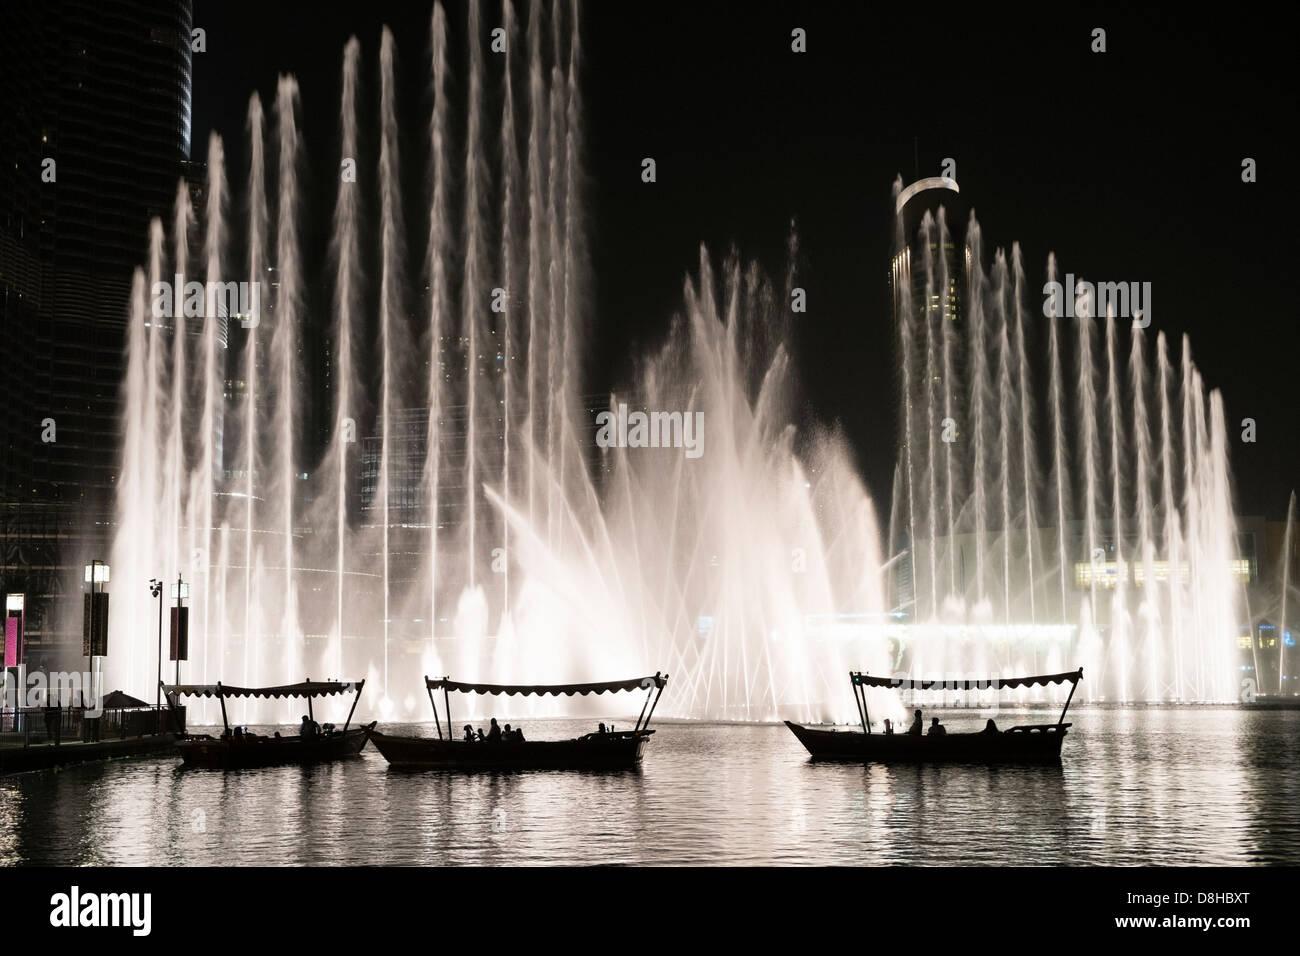 Las pequeñas embarcaciones que transporten turistas para ver la fuente de Dubai en el centro comercial de Dubai, Imagen De Stock